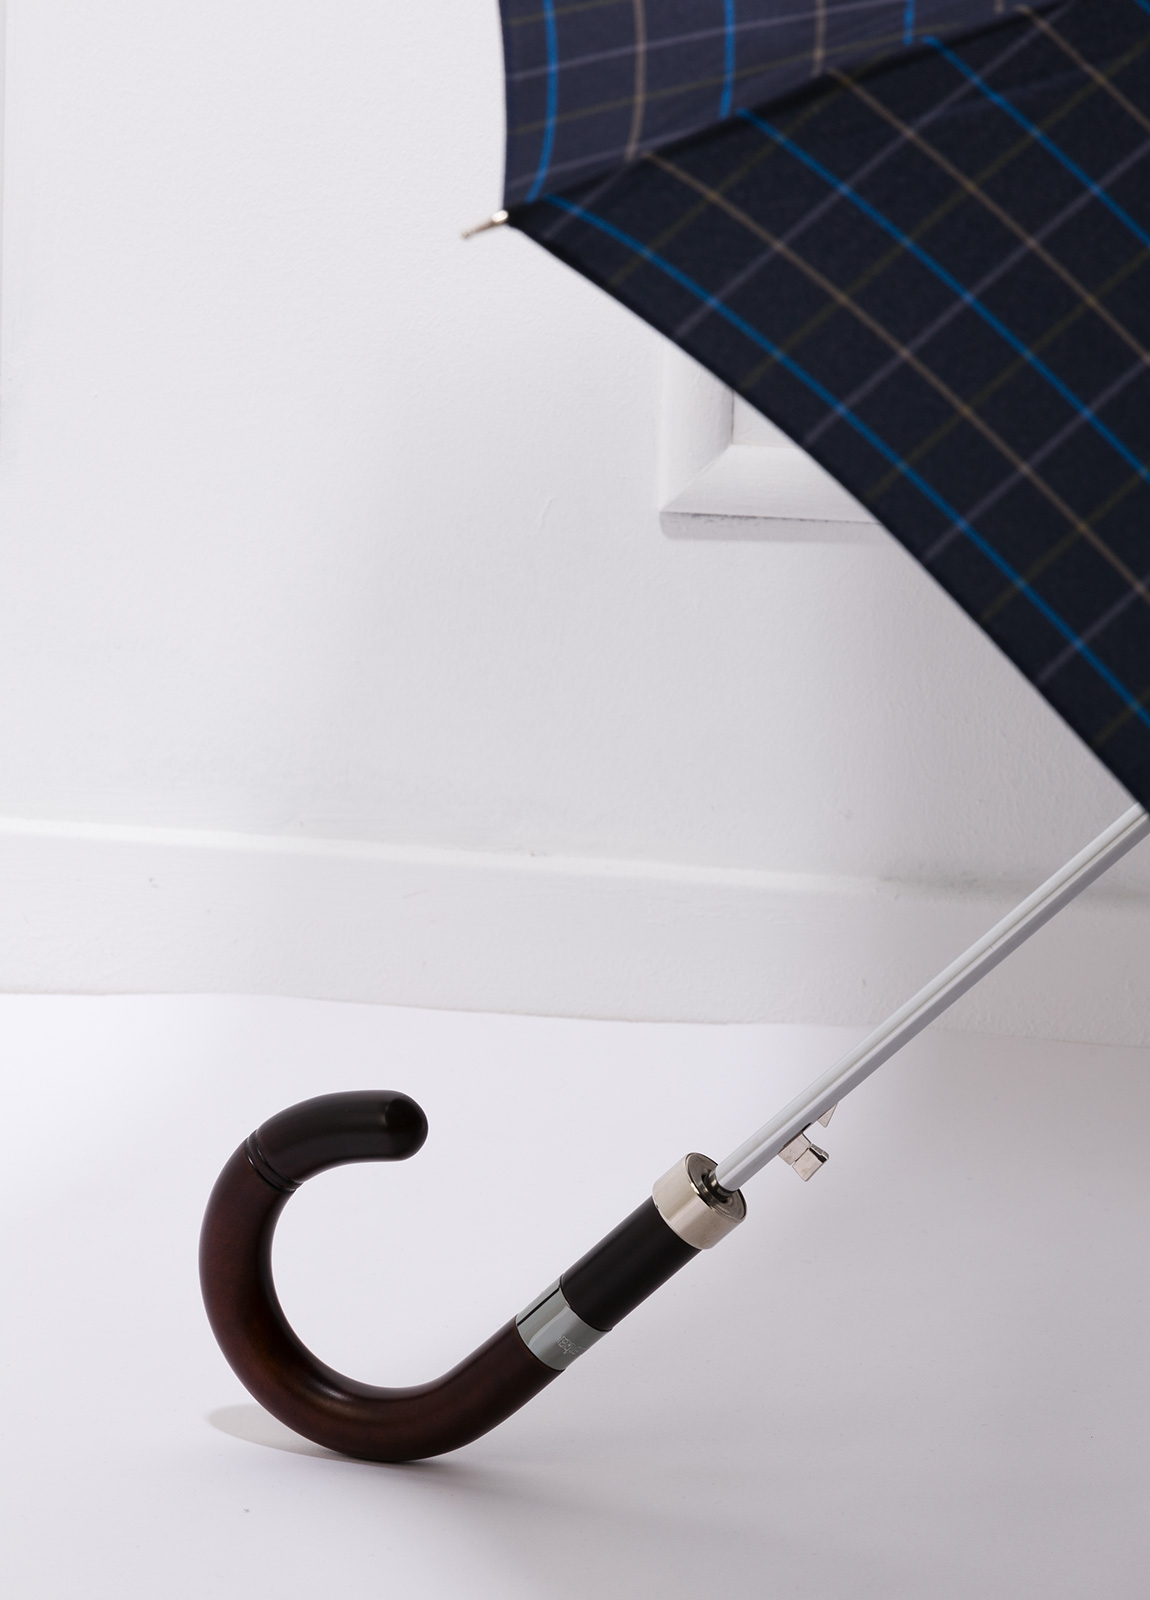 Paraguas con diseño de cuadros color azul marino y puño de madera. - Ítem2